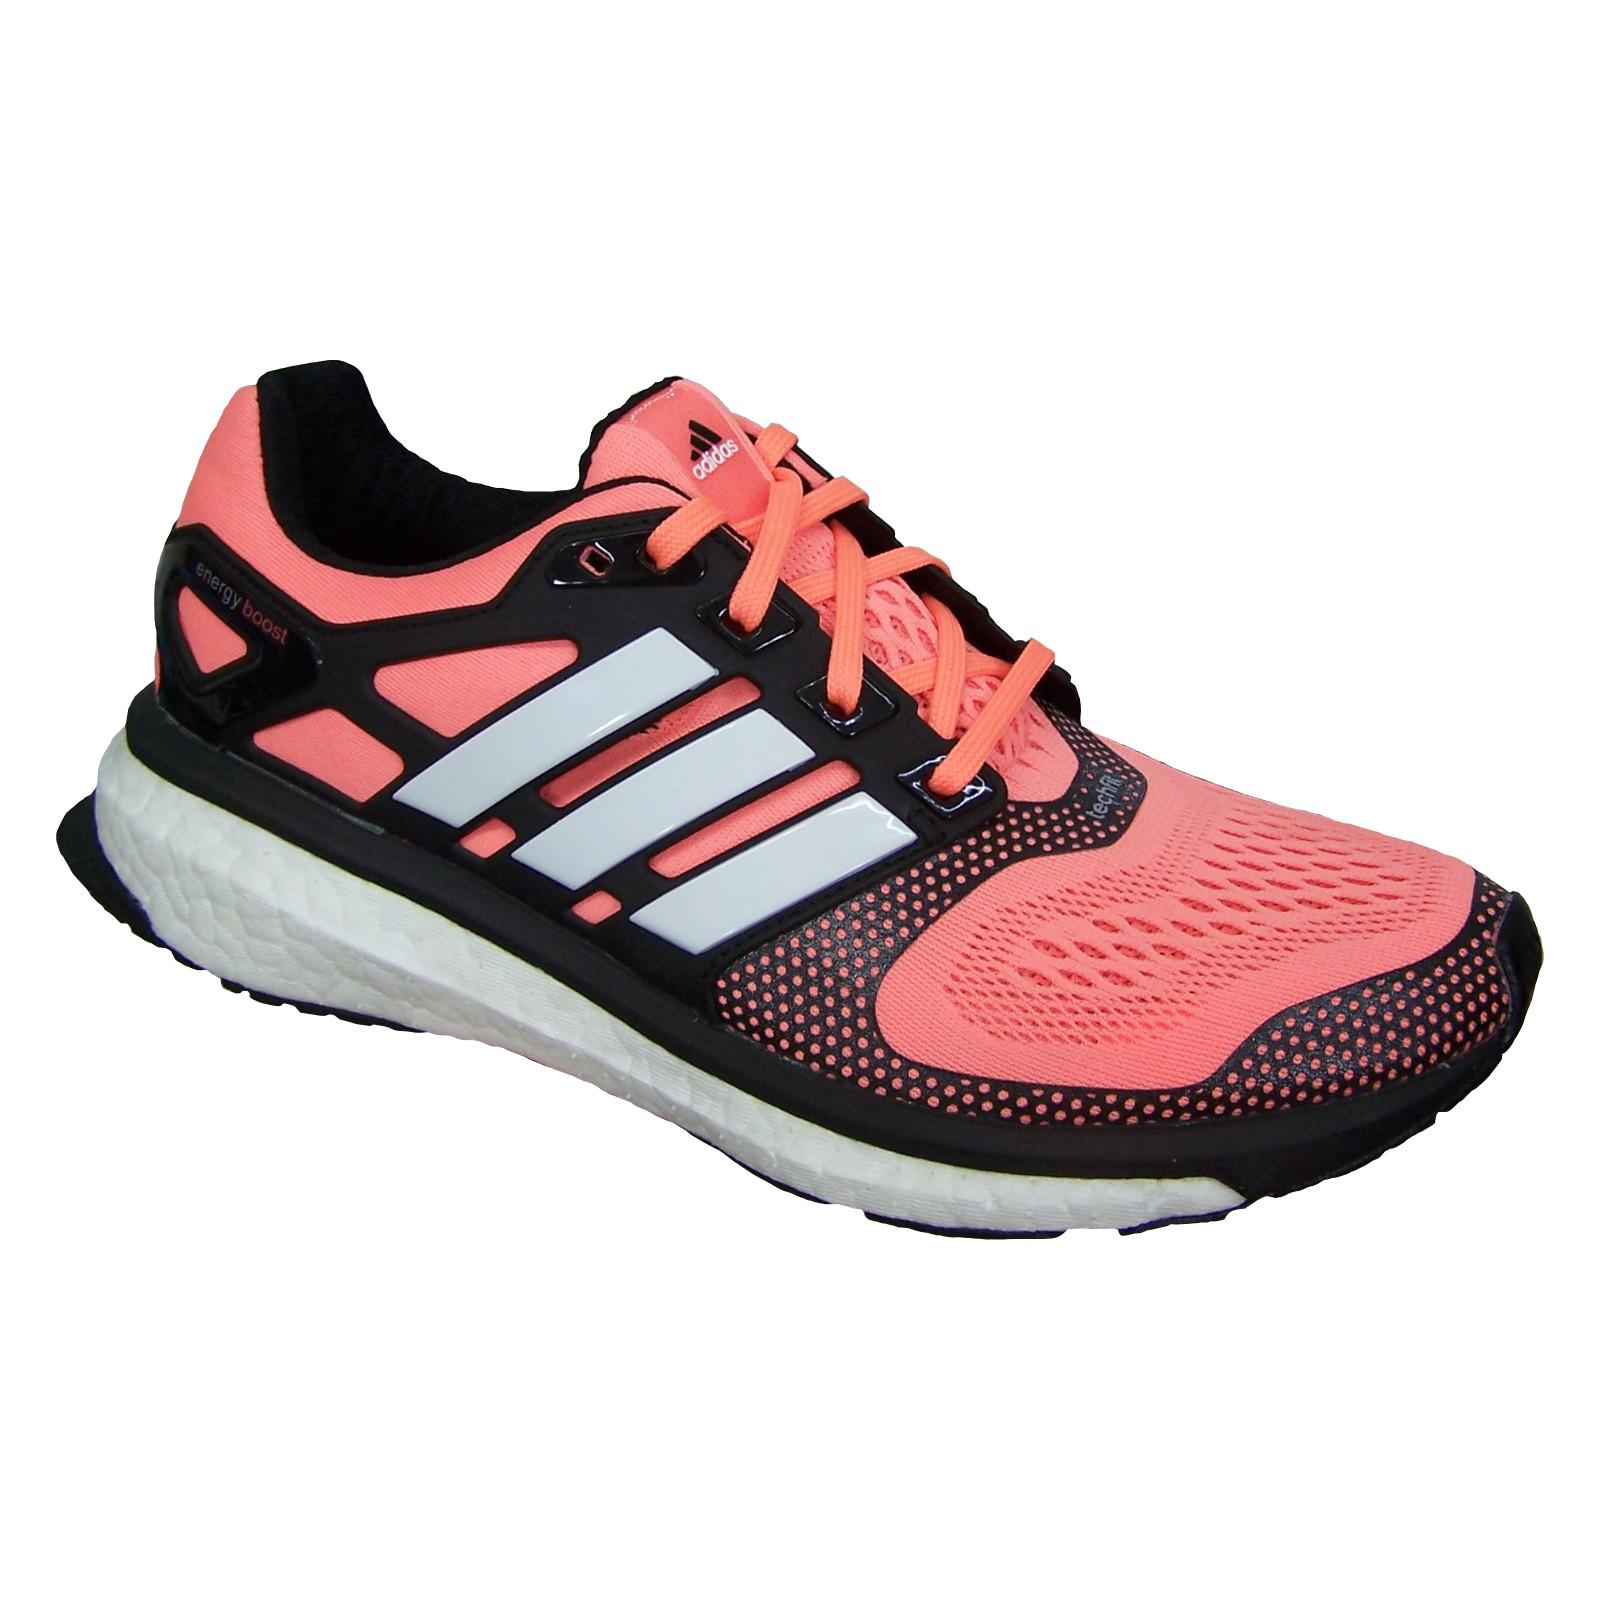 3f901dc885daf1 adidas energy Boost ESM W Damen Fitness und Laufschuhe ...